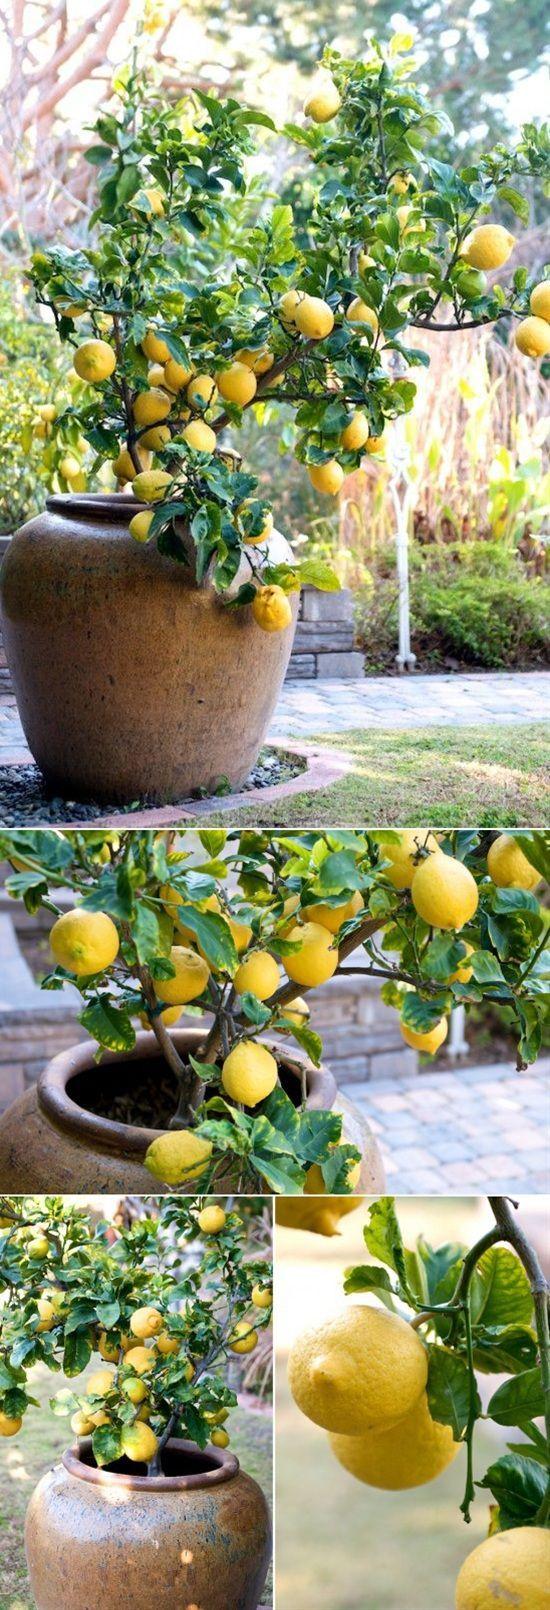 Sie haben keinen Garten? Kein Problem. Folgen Sie diesen einfachen Anleitungen, um verschiedene ... - Gartengestatung 2019 #howtogrowvegetables